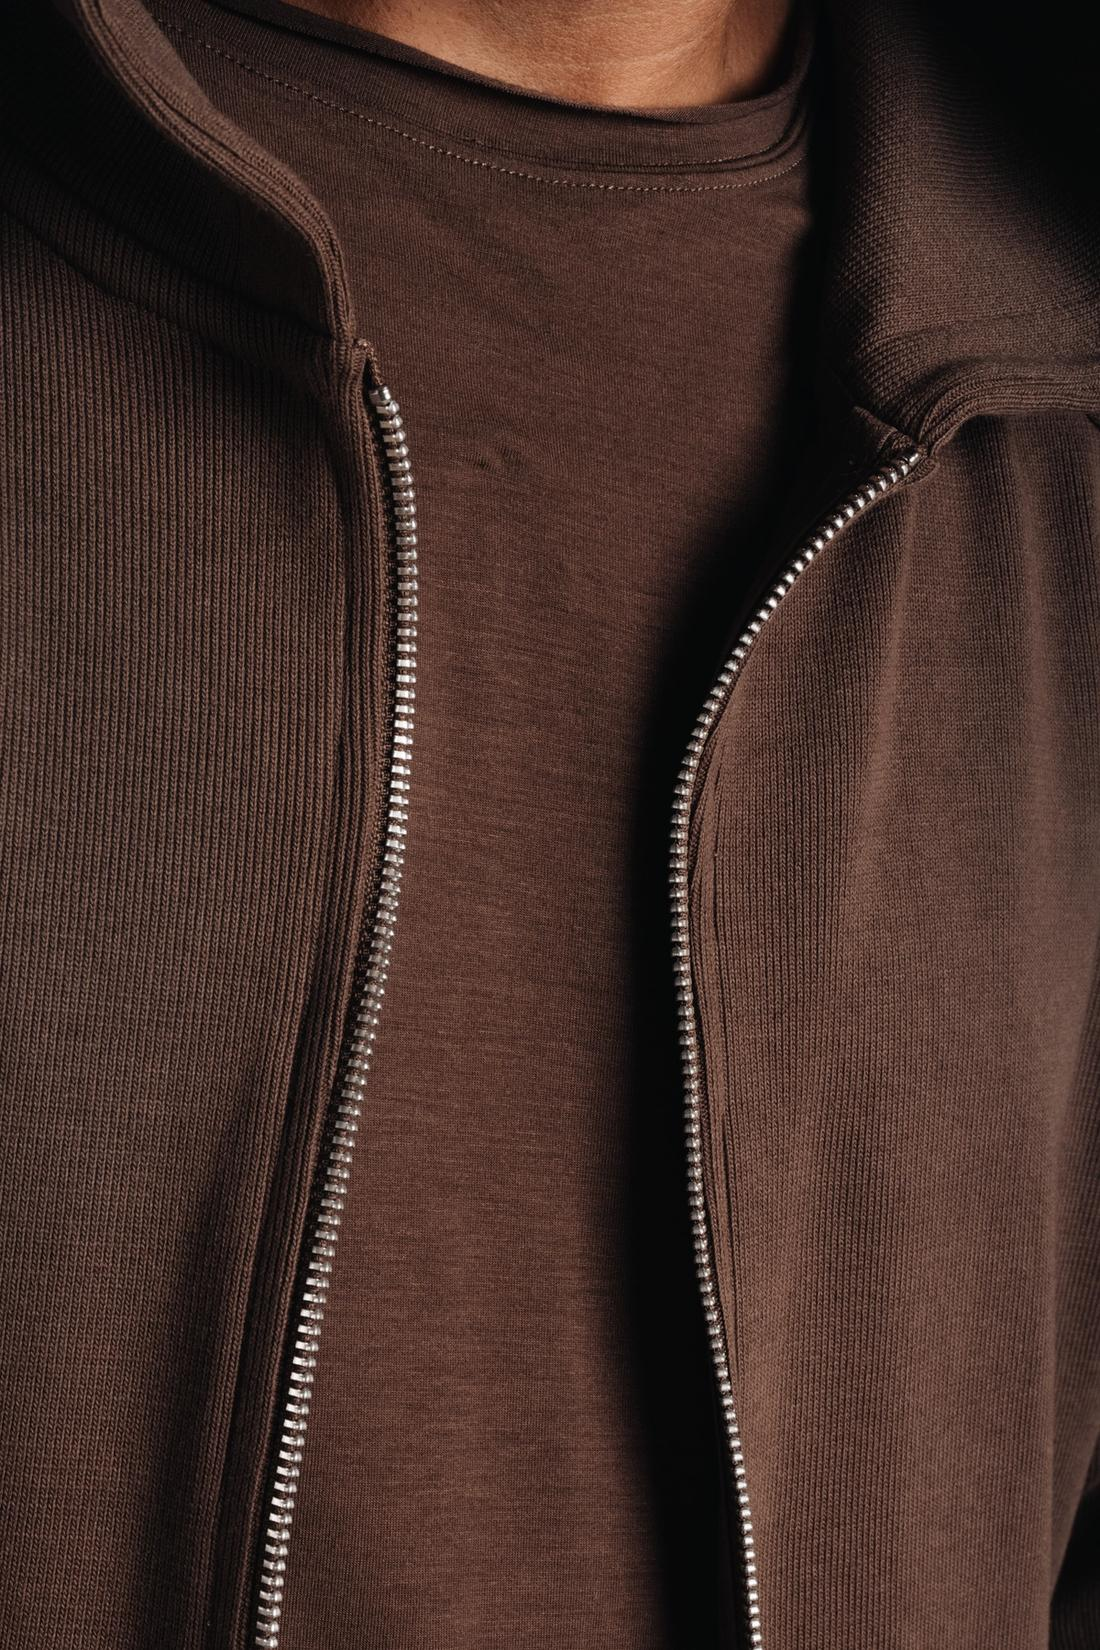 The Proper Zip Hoodie